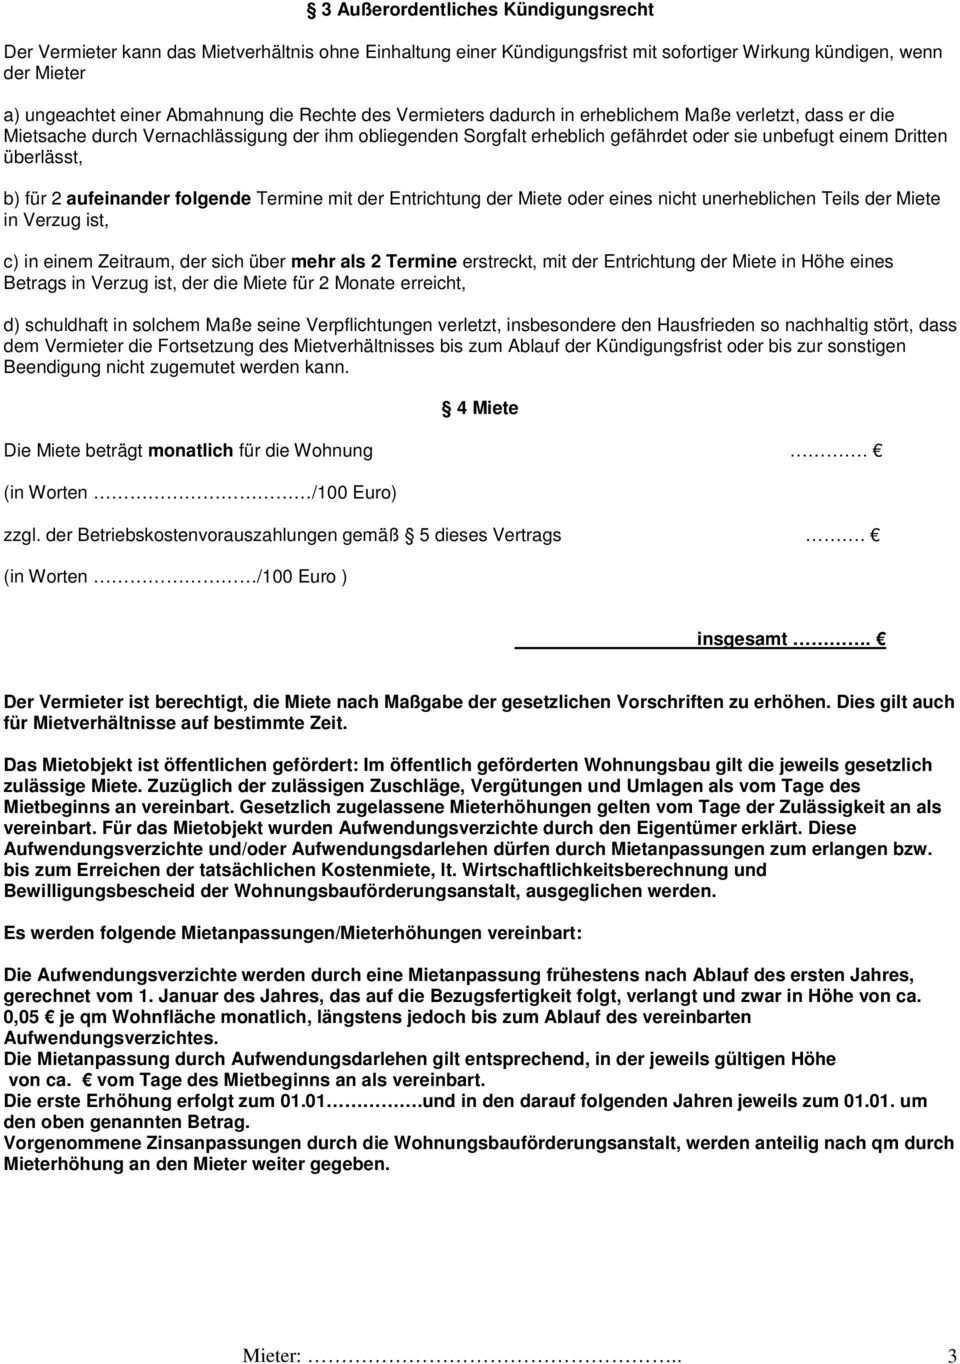 Wohnungsmietvertrag Als Vermieter Als Mieter 1 Mietraume Pdf Kostenfreier Download